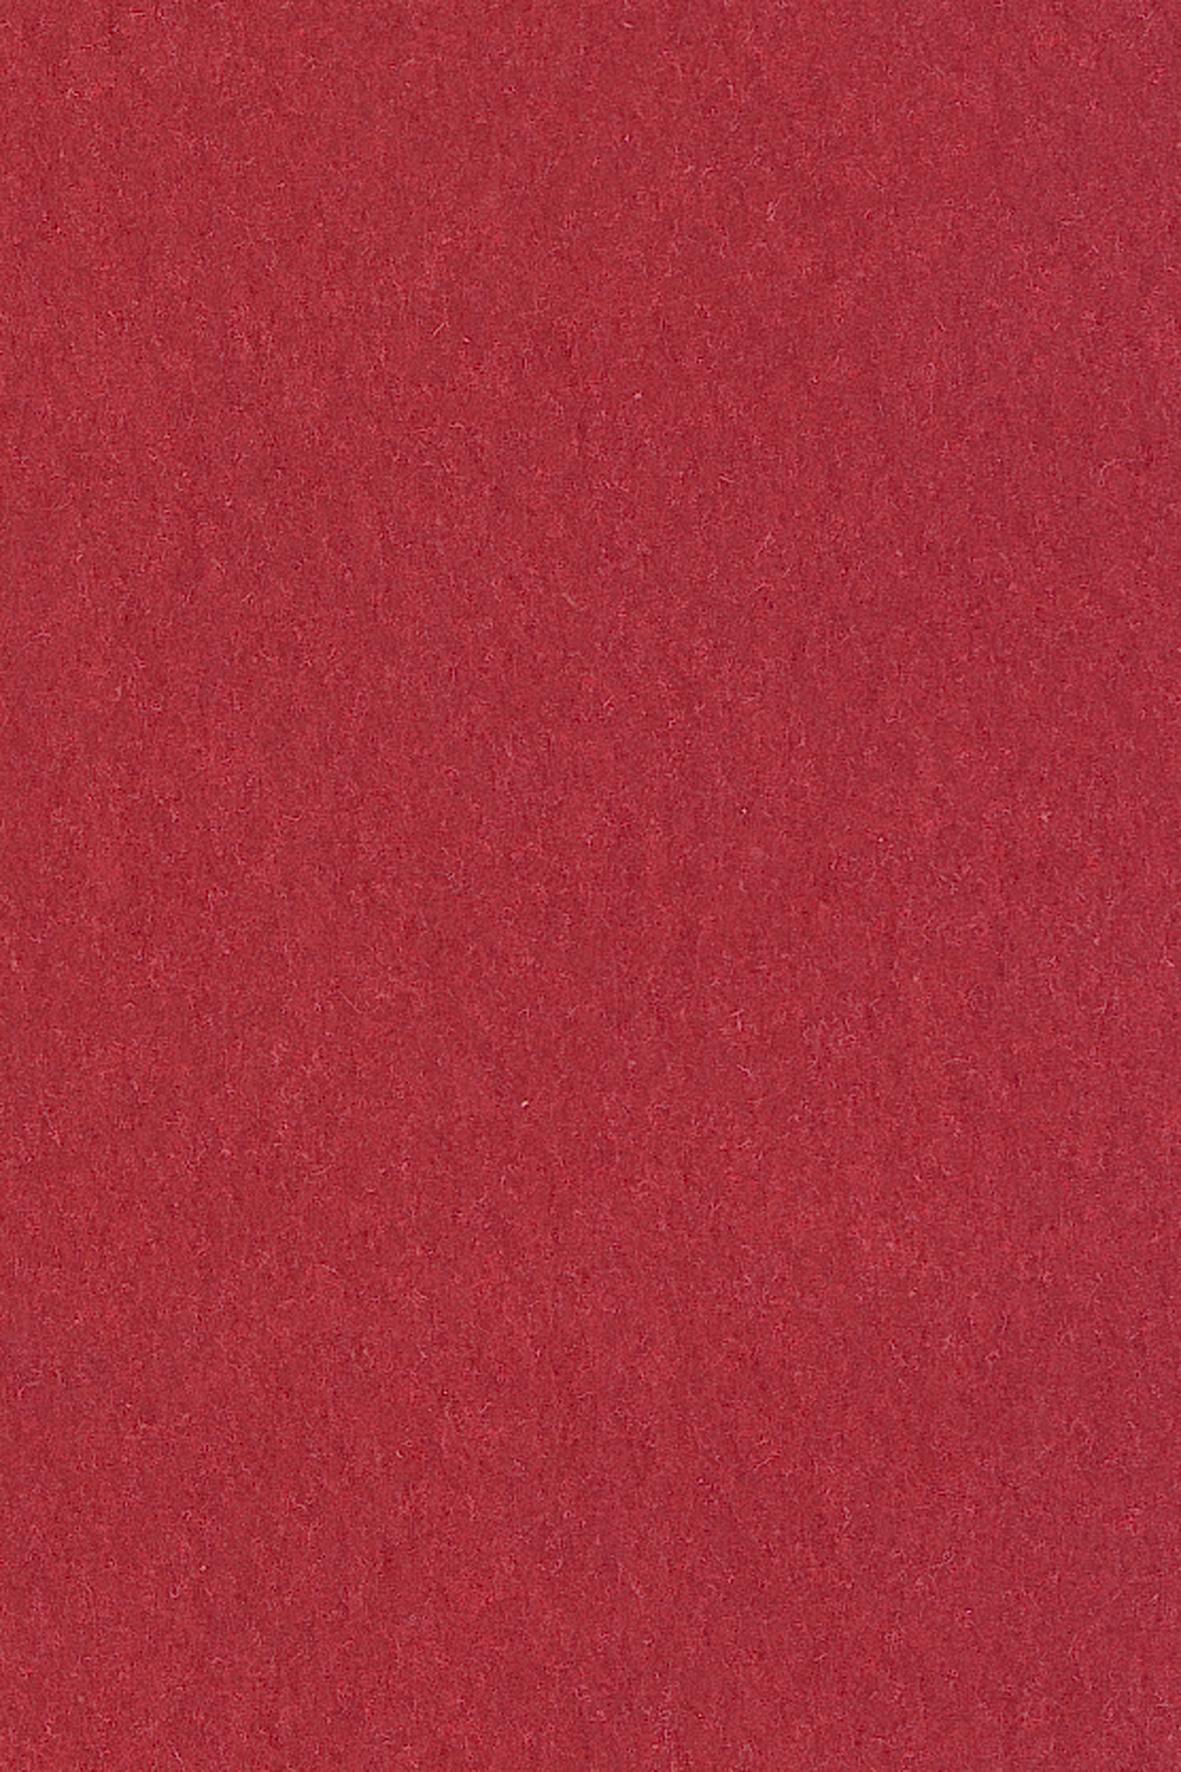 papier calque a4 rouge canson 100 gr mille et une feuilles. Black Bedroom Furniture Sets. Home Design Ideas